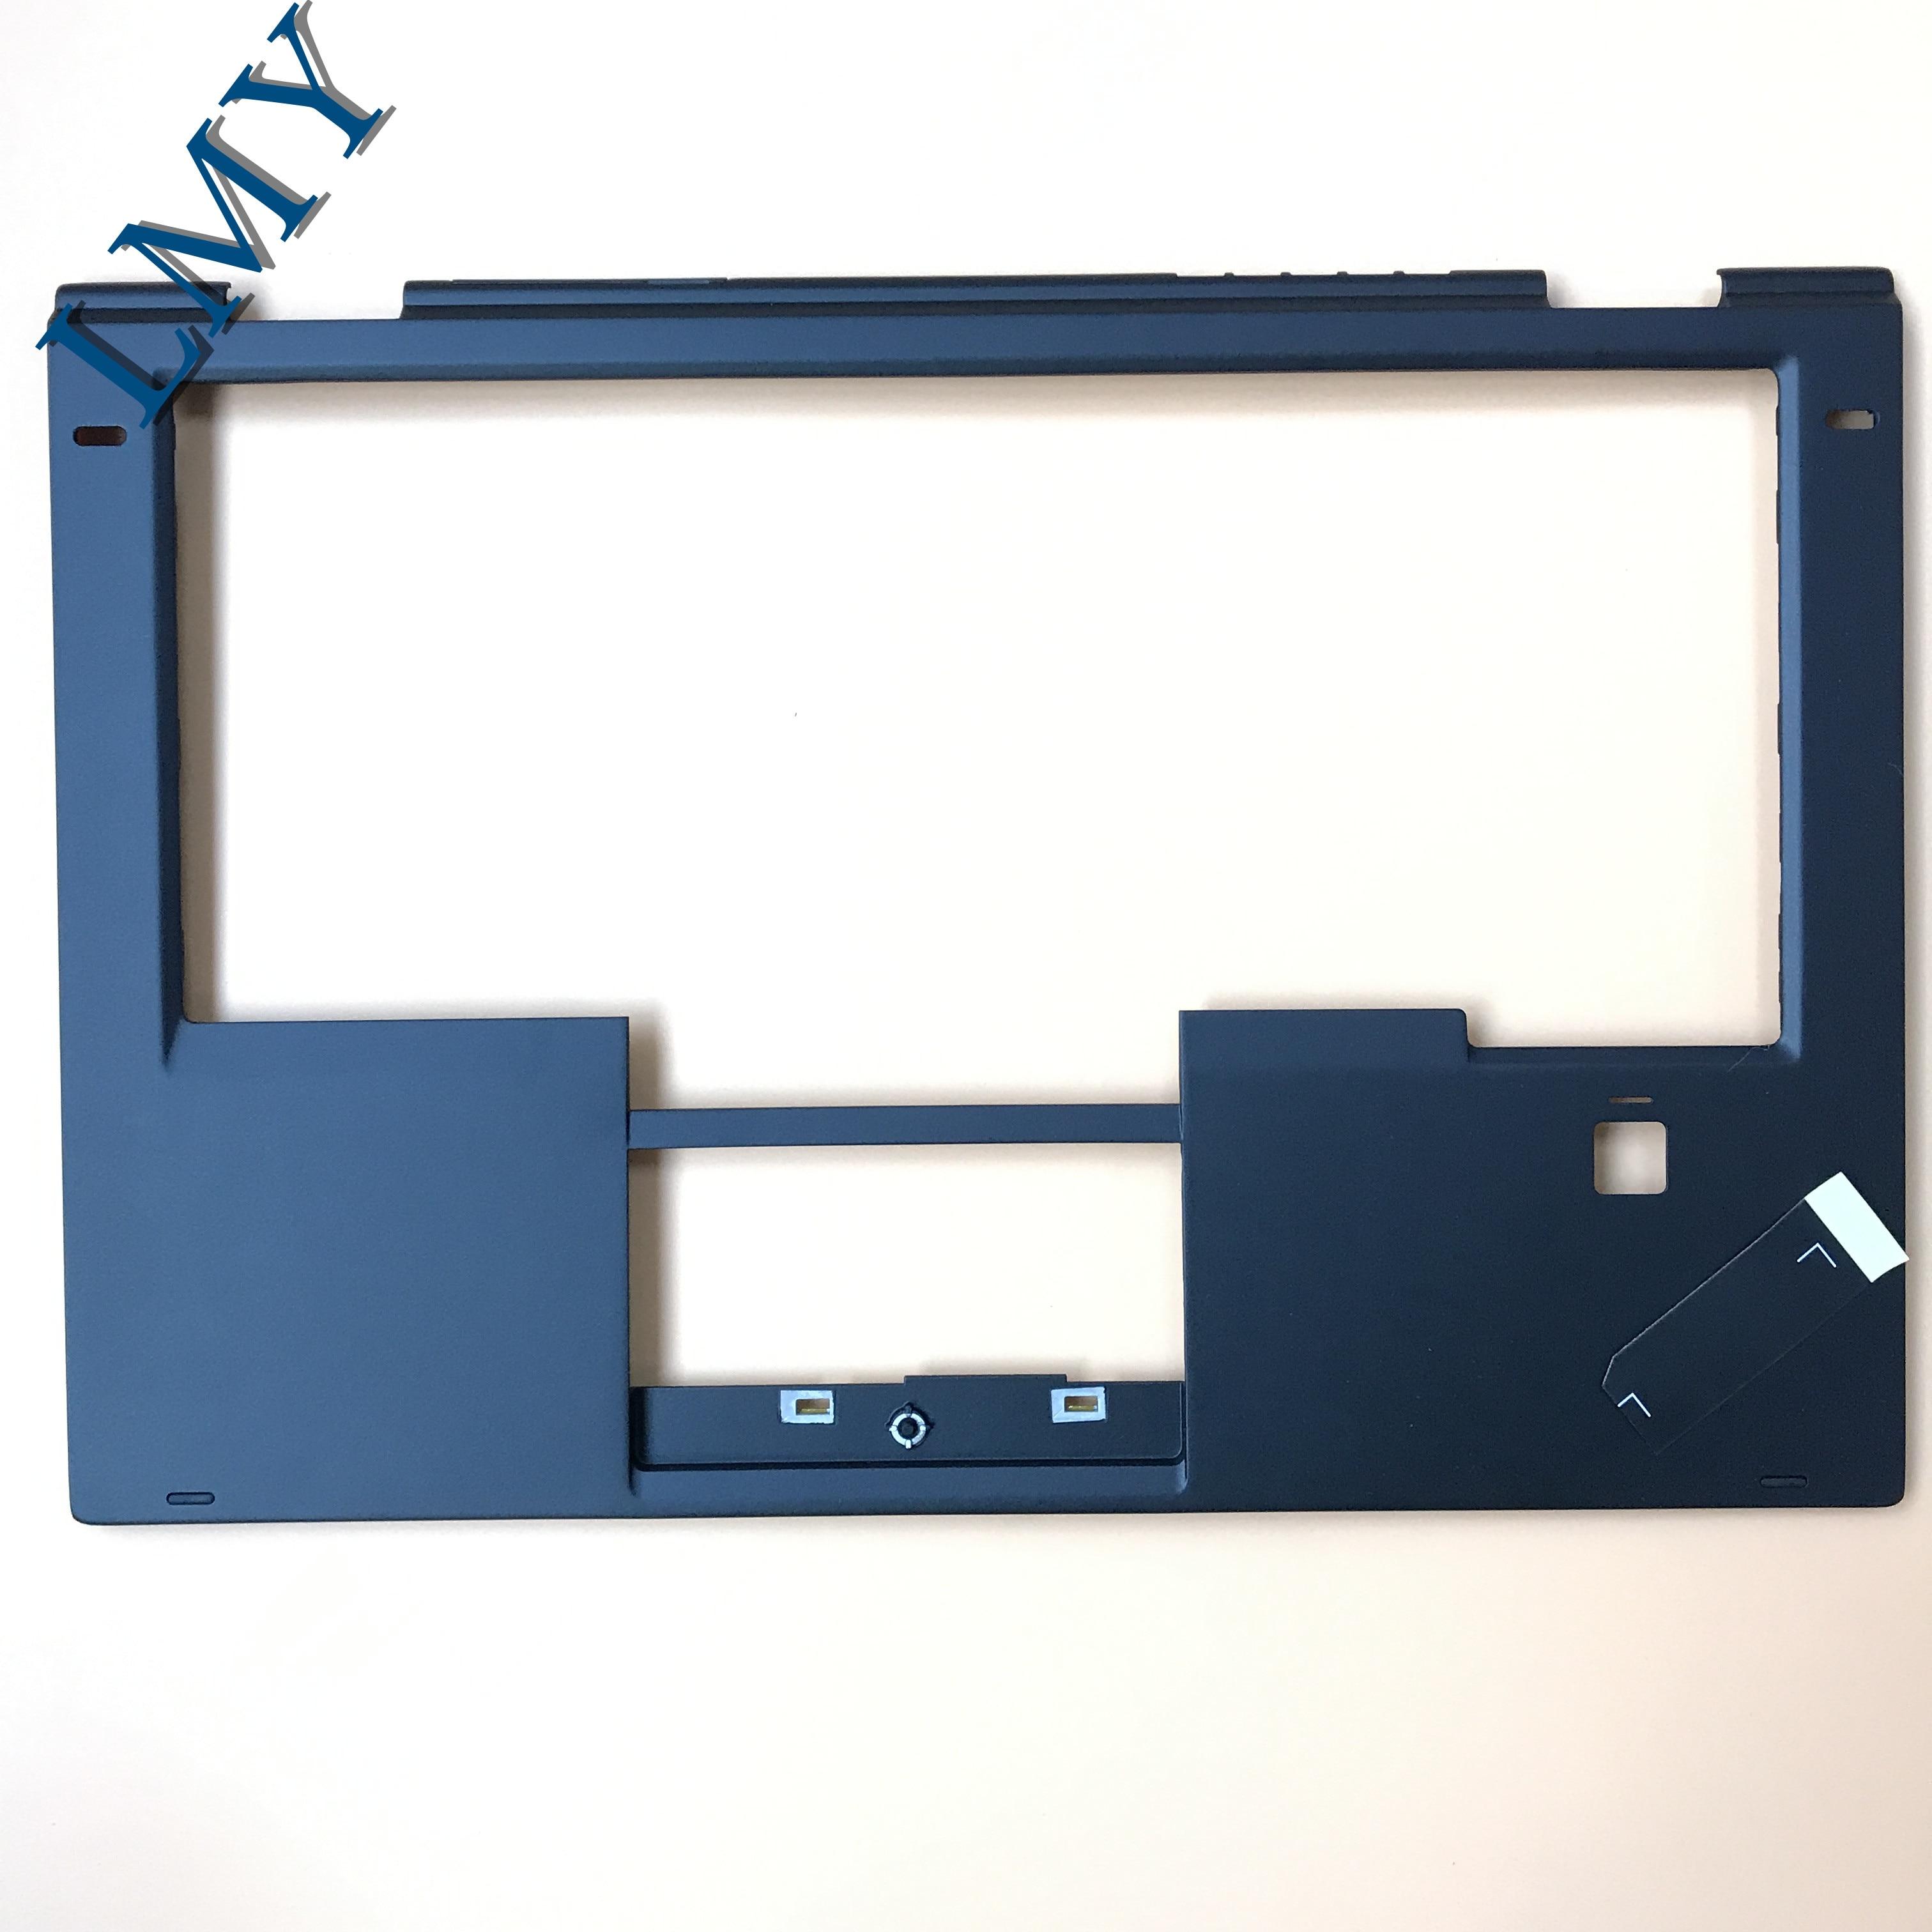 Brand New Original Laptop Case For  Lenovo Thinkpad X1 Yoga 1st Palmrest COVER   Upper BLACK  00JT863